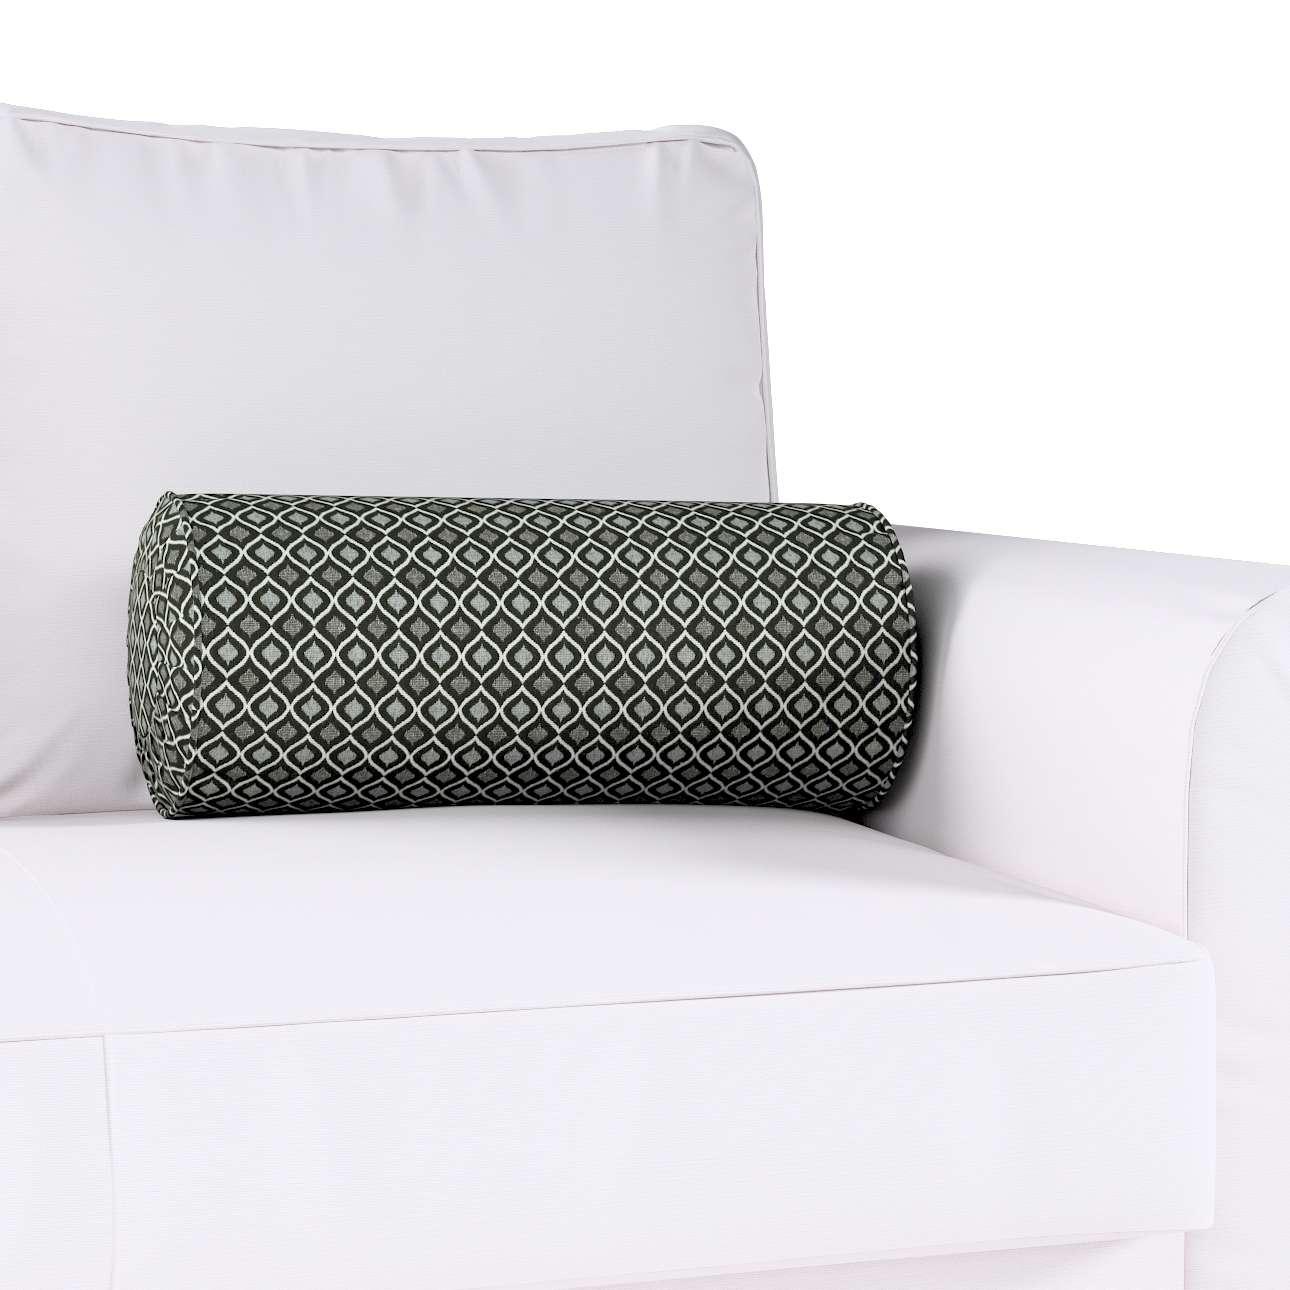 Poduszka wałek z zakładkami w kolekcji Black & White, tkanina: 142-86